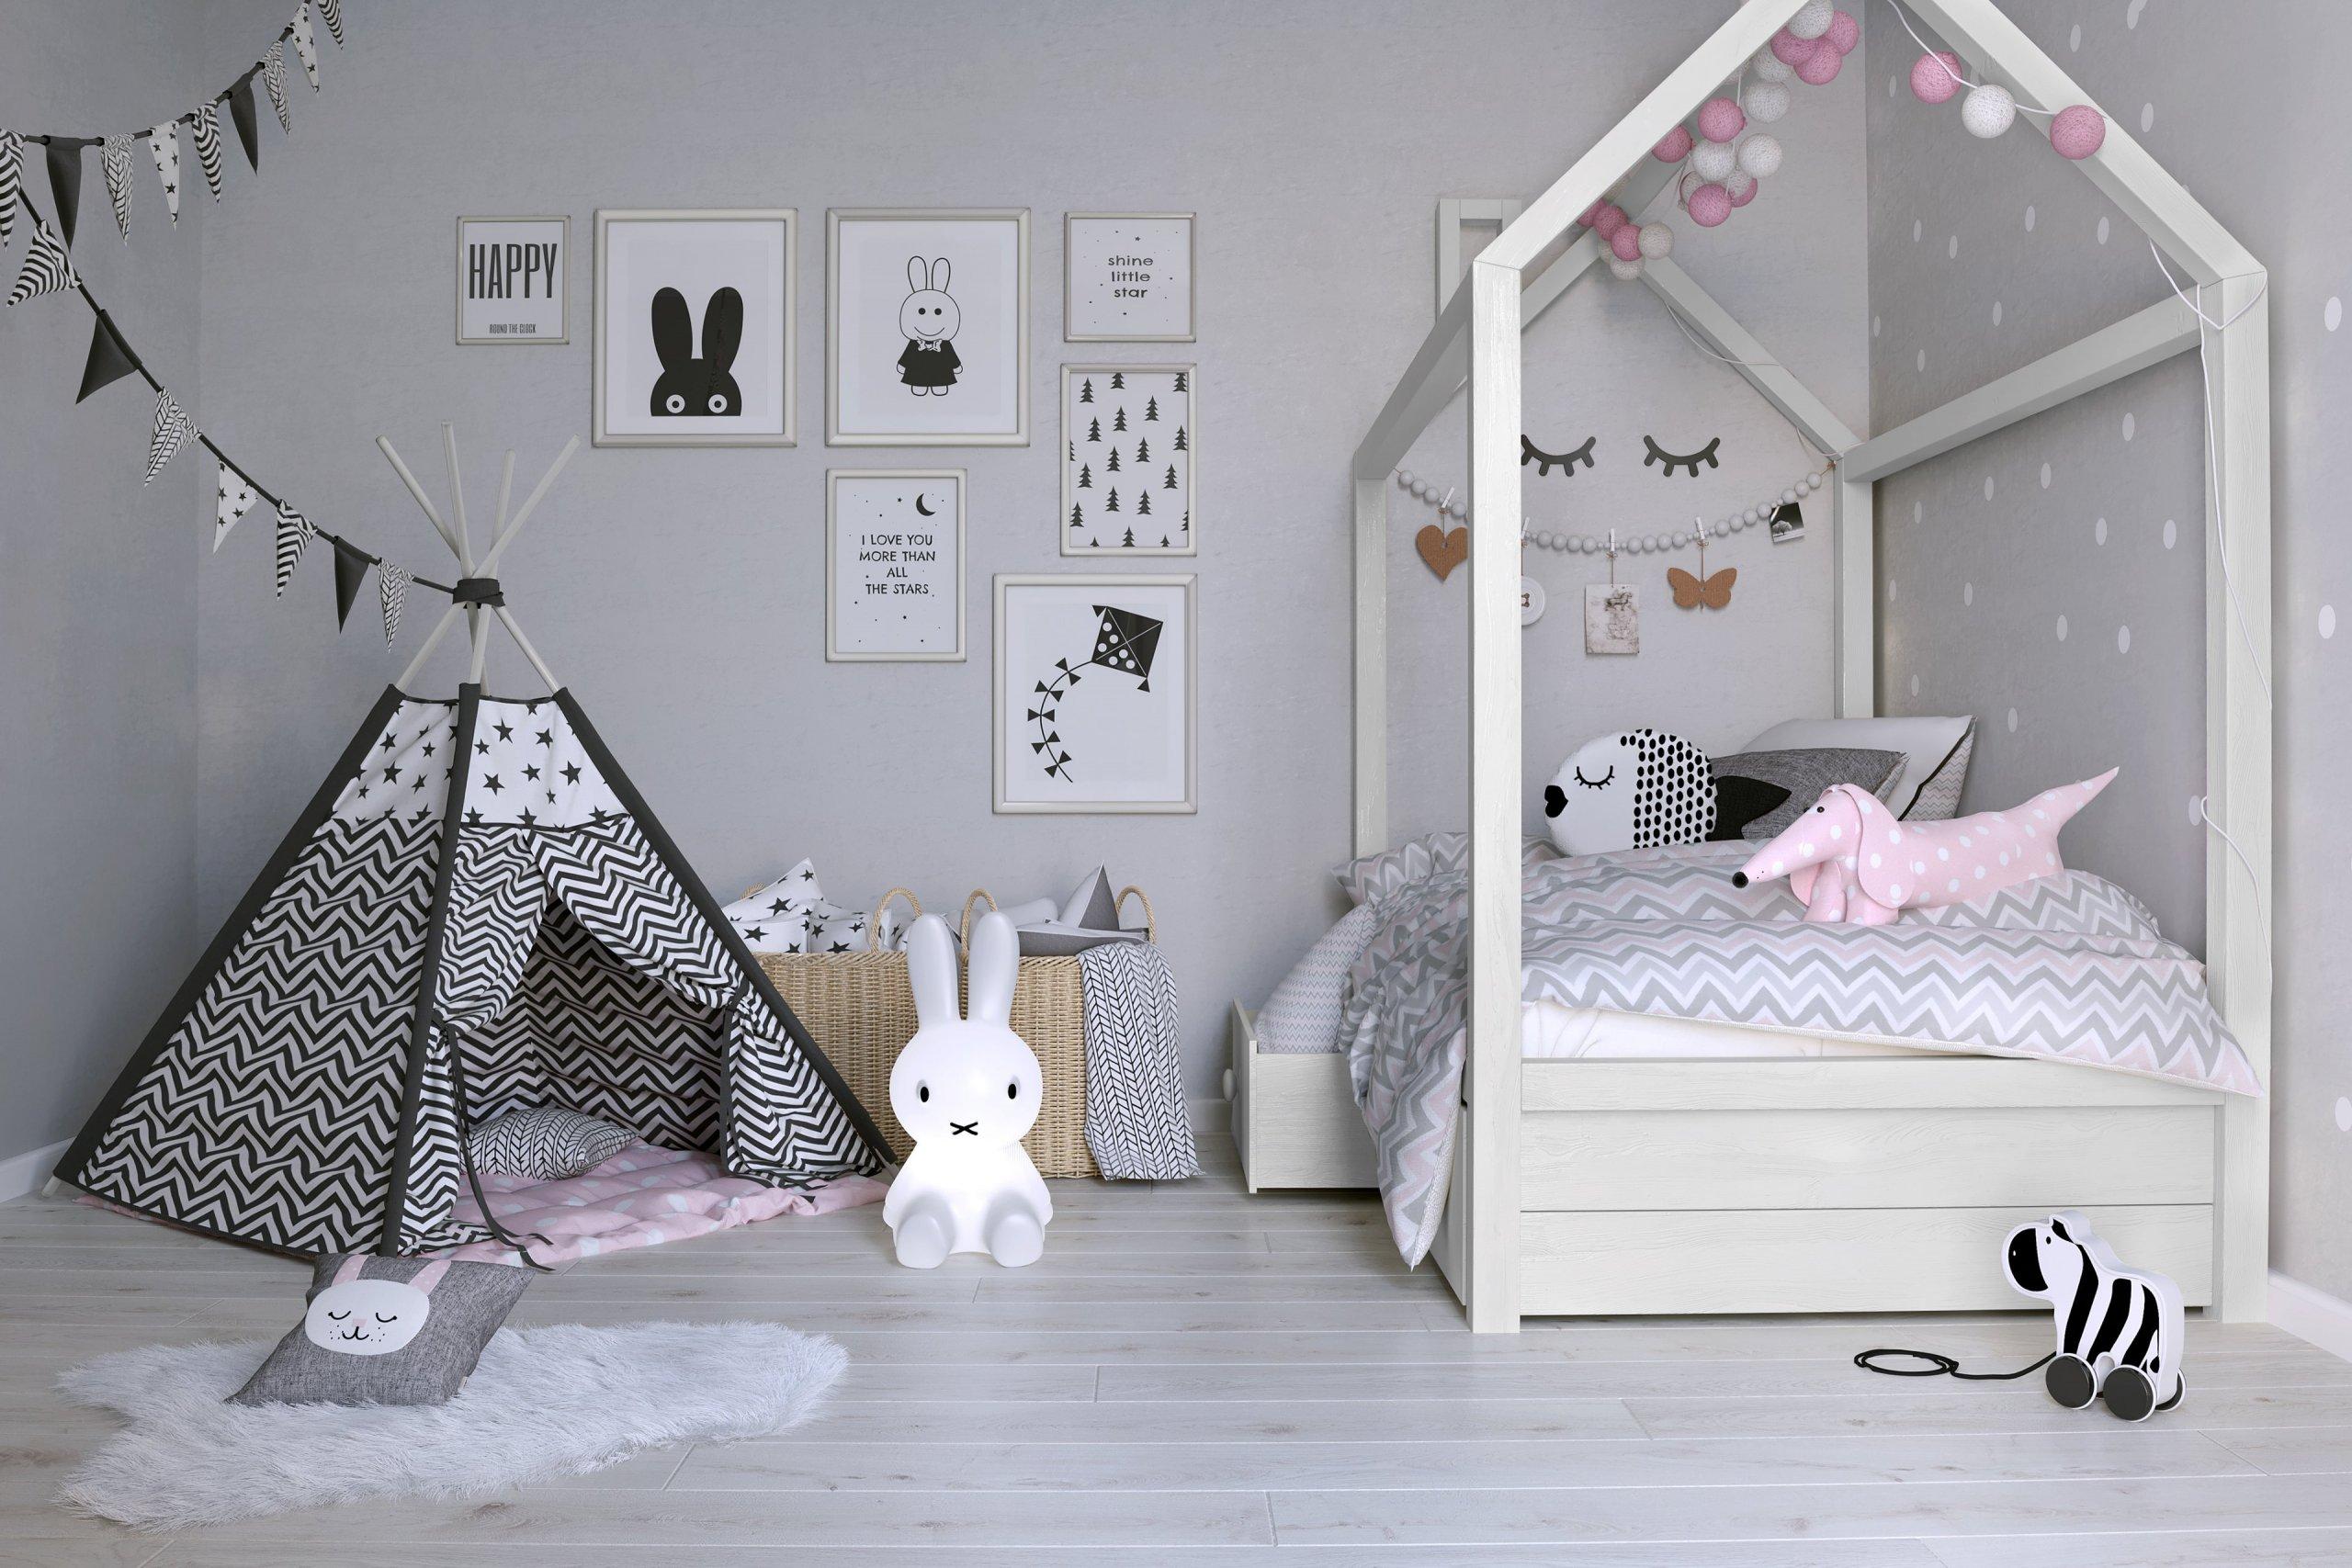 Mnoho z nás se zamilovalo do skandinávského stylu v bydlení. Působí klidně, relaxačně, hravě, ale přesto vkusně. Pokud se vám tento styl zamlouvá a máte jím zařízený byt, místnost pro vaše malé děti tak můžete zařídit také.